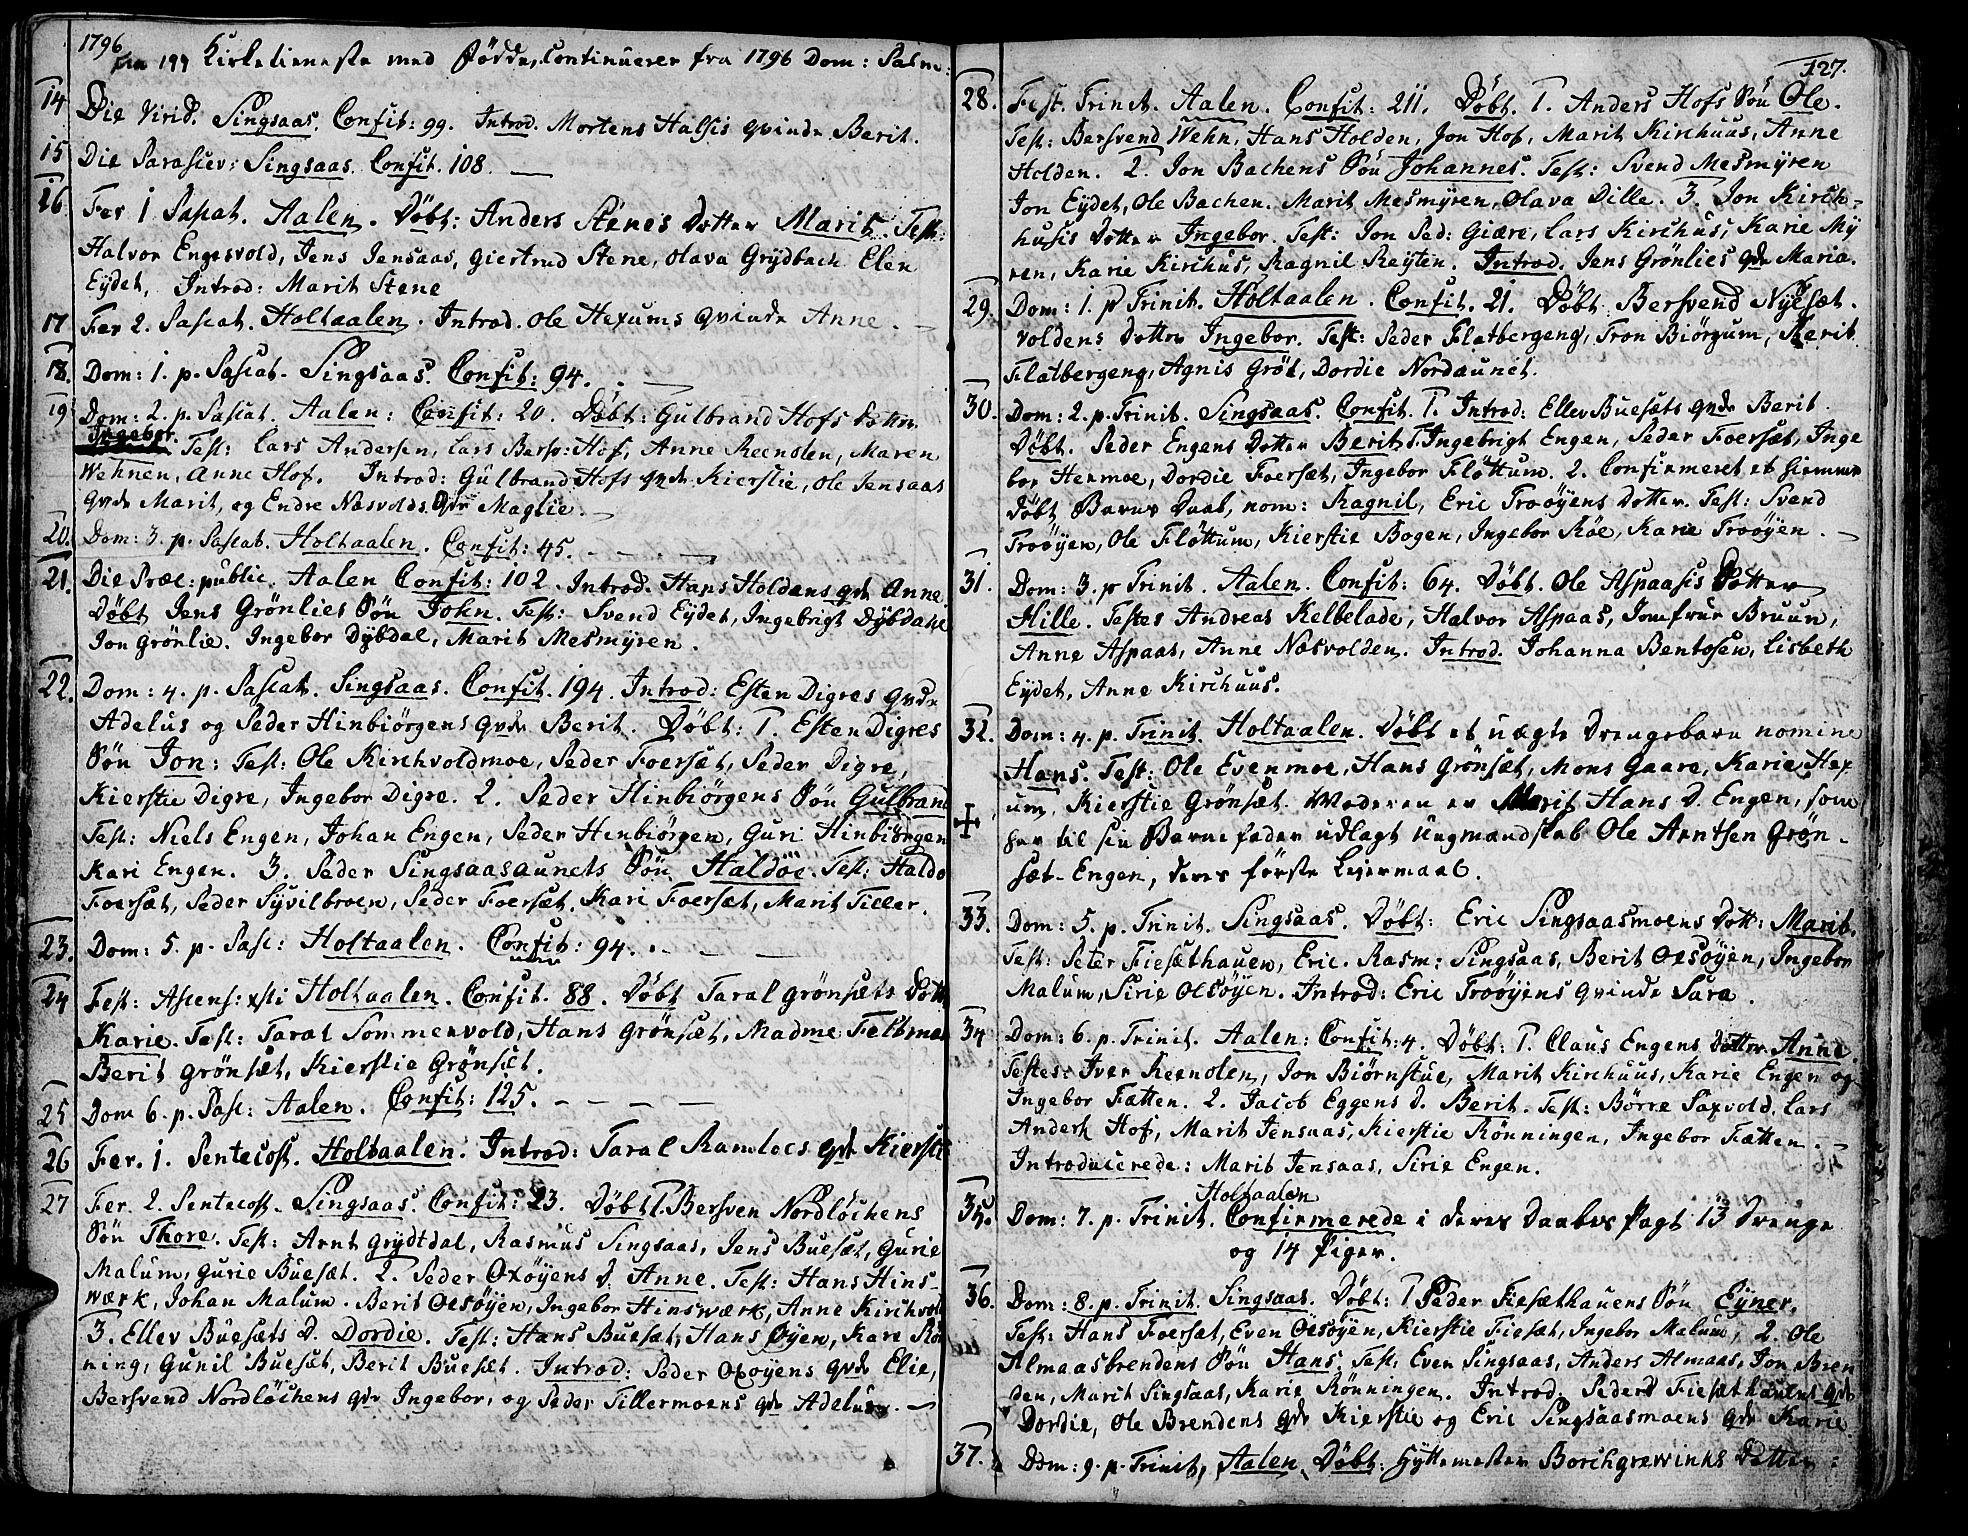 SAT, Ministerialprotokoller, klokkerbøker og fødselsregistre - Sør-Trøndelag, 685/L0952: Ministerialbok nr. 685A01, 1745-1804, s. 127